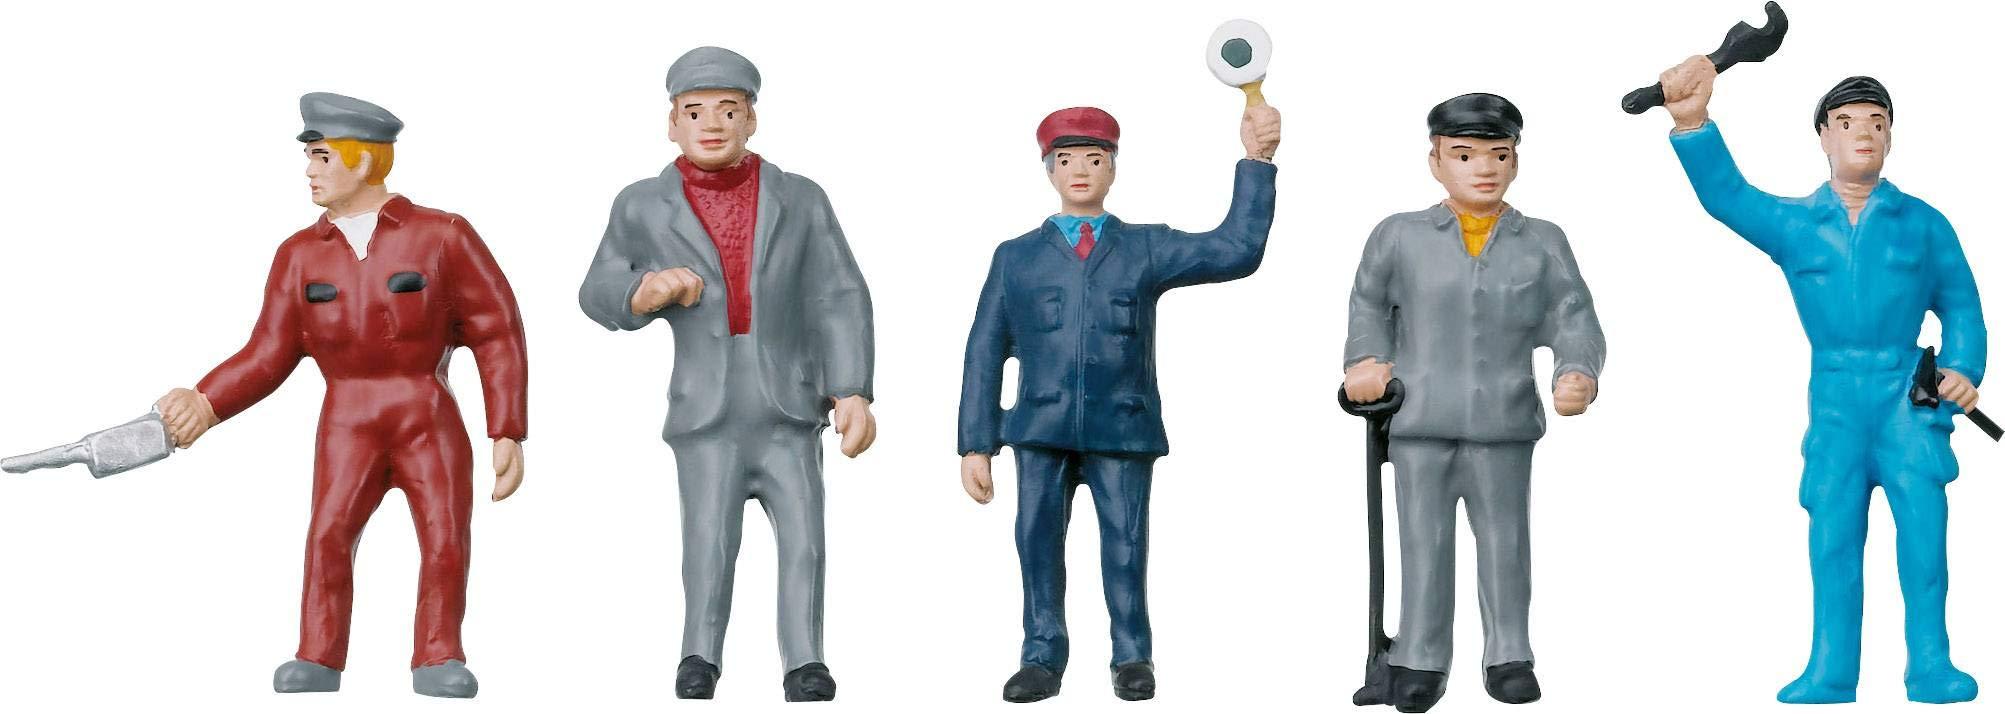 Märklin 56405 Figurine Set Multi-Coloured